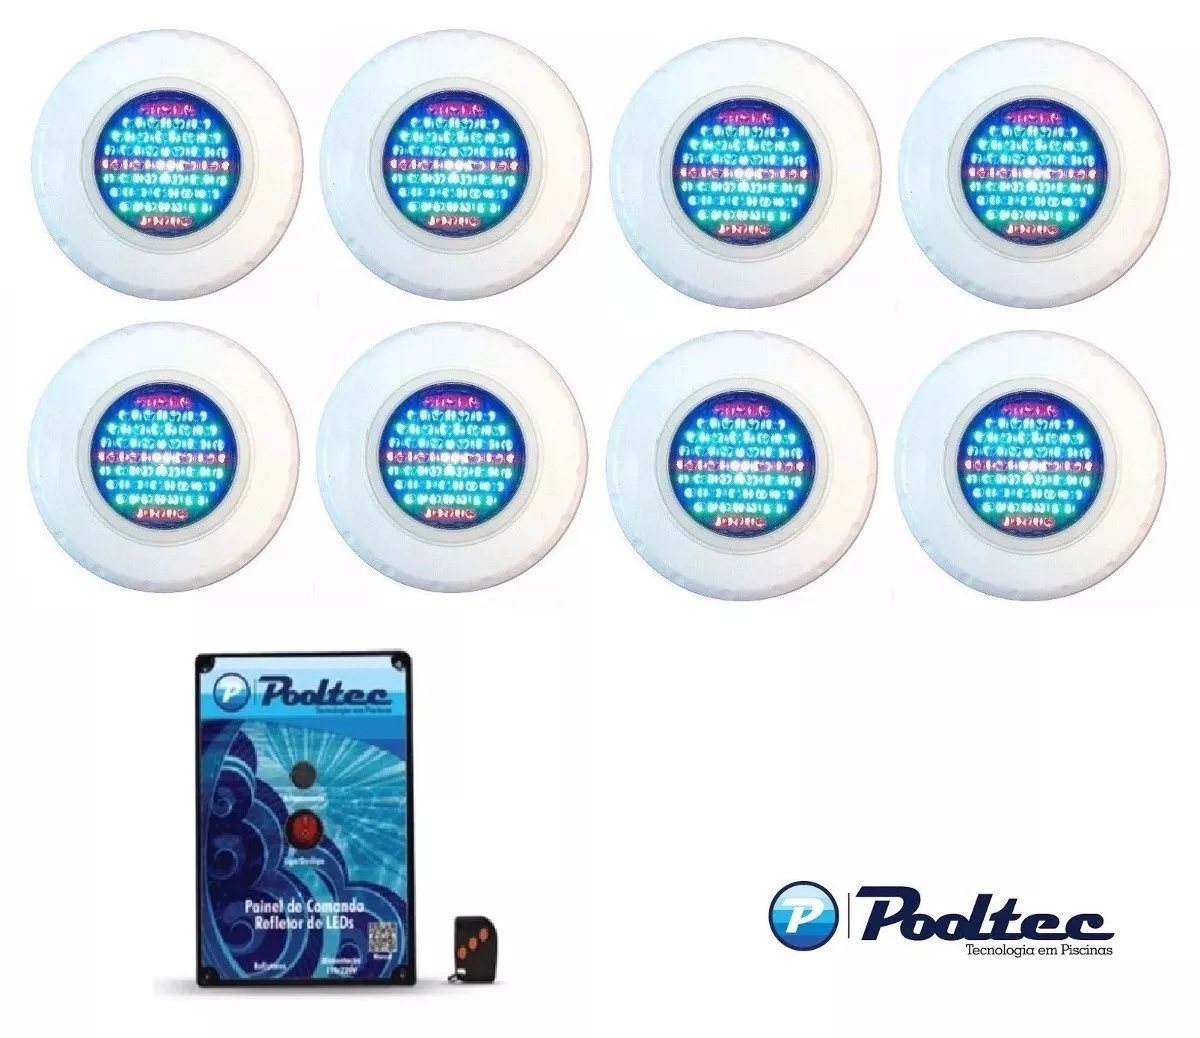 Kit Refletor para  Piscina 8 Led 65 Colorido + Comando Pooltec + Adaptador com Garra - Até 72 m²